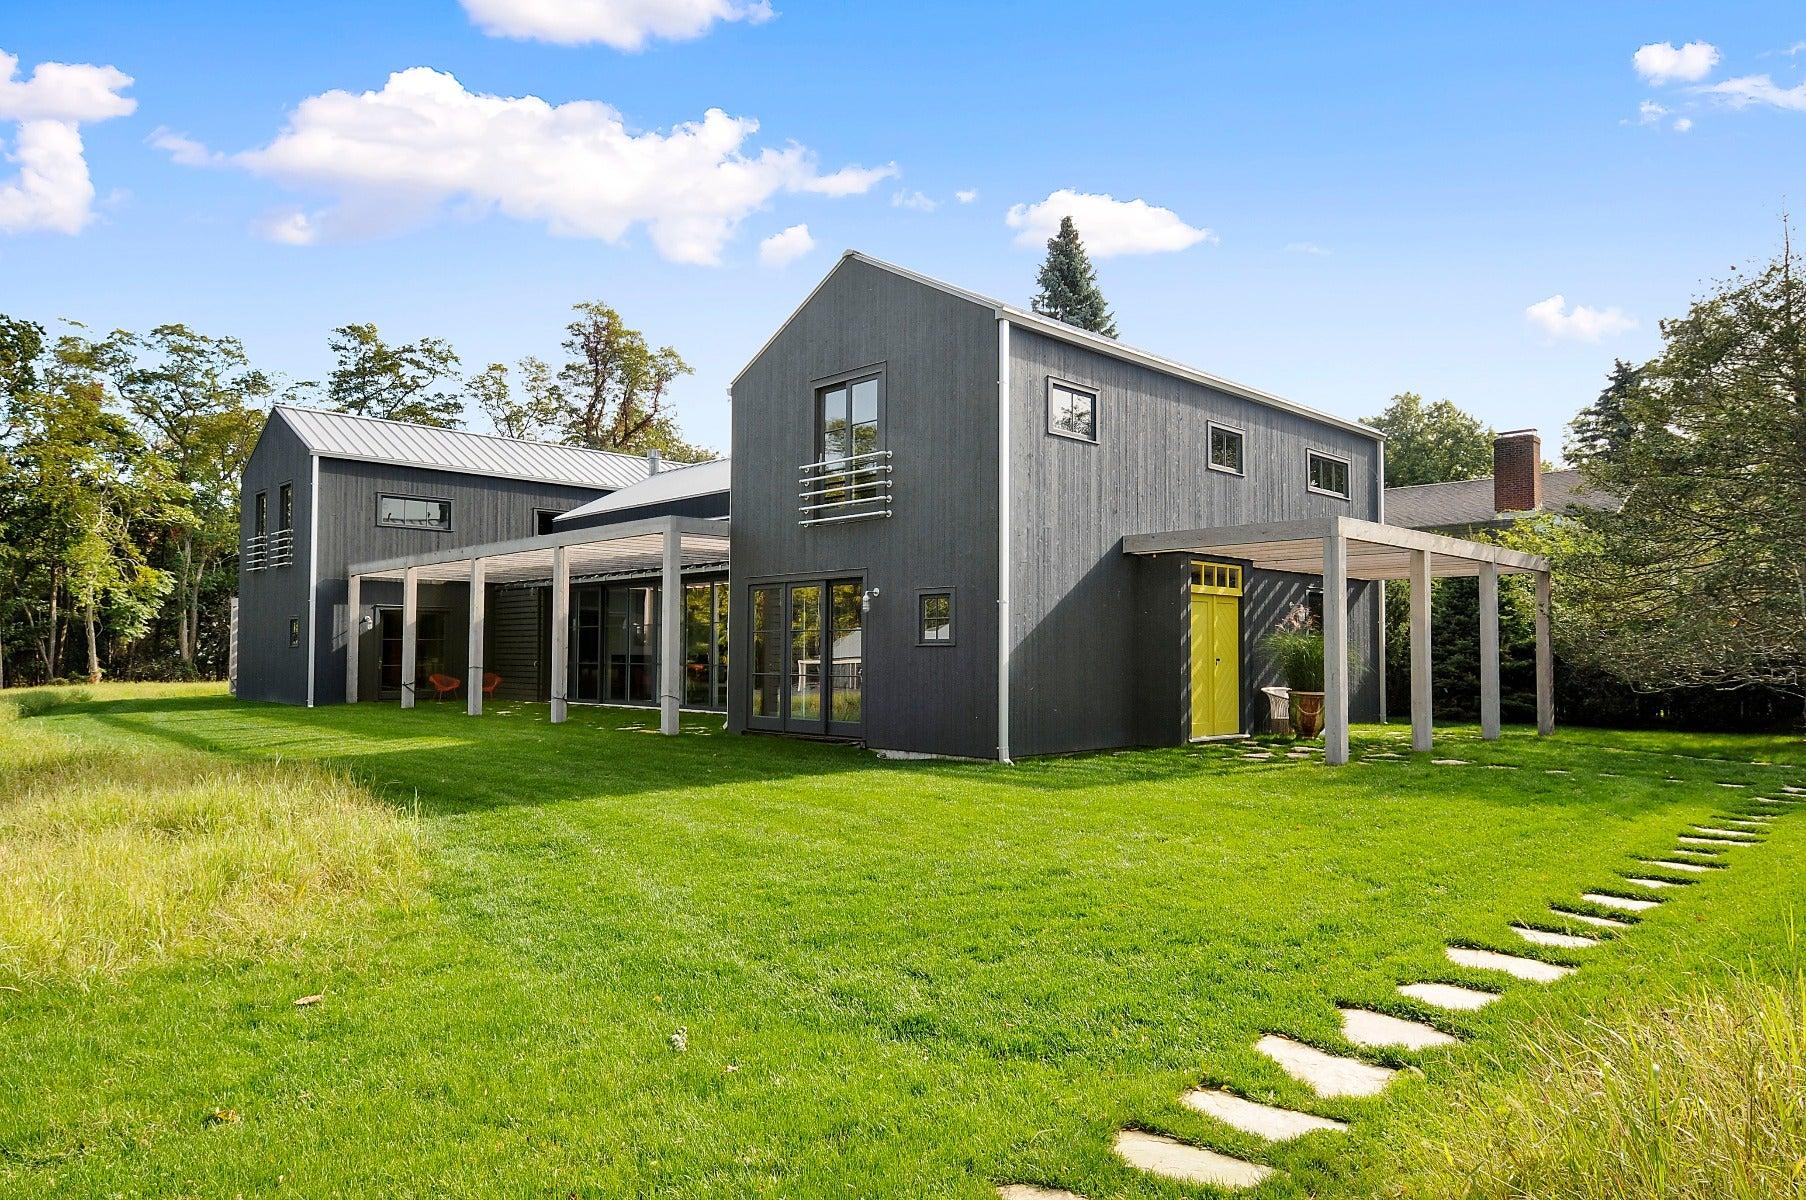 beautiful house in hampton